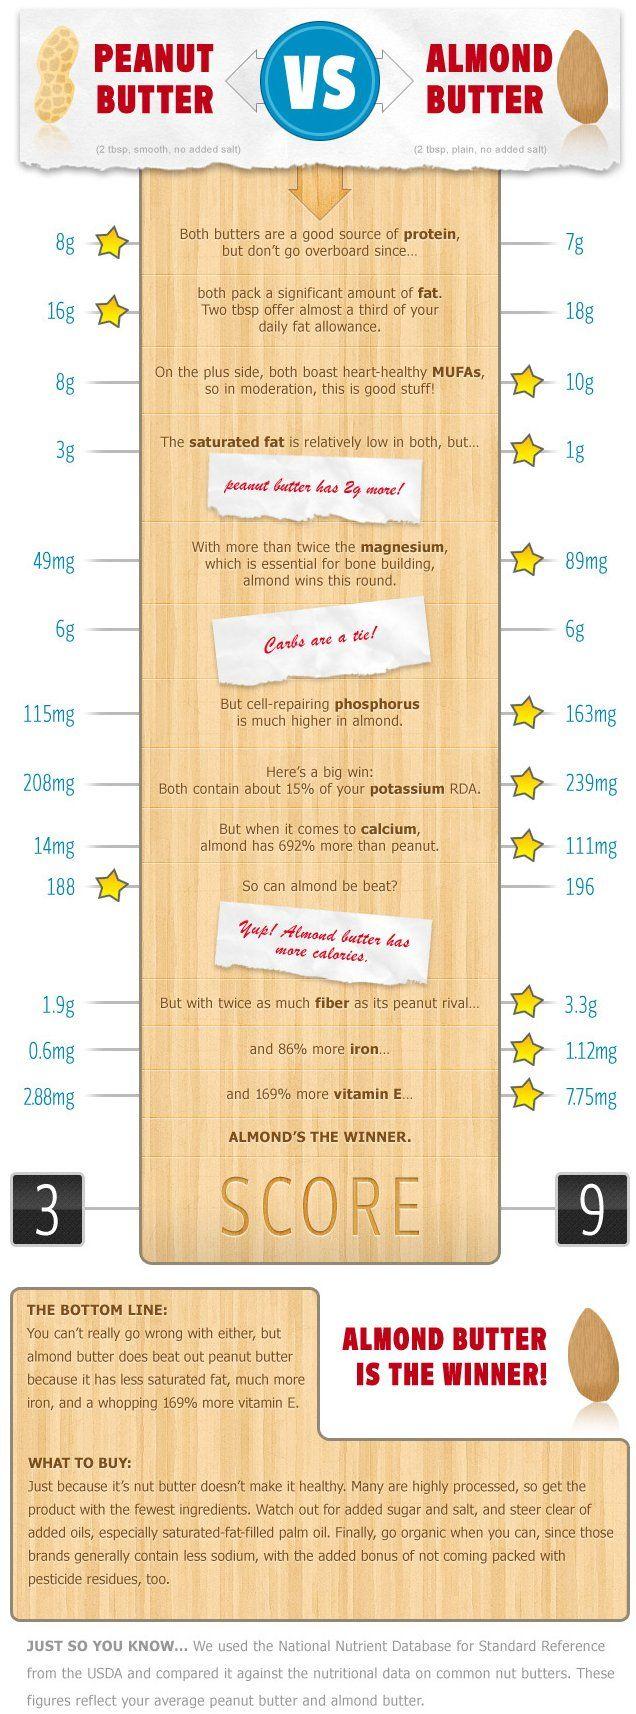 Peanut Butter versus Almond Butter